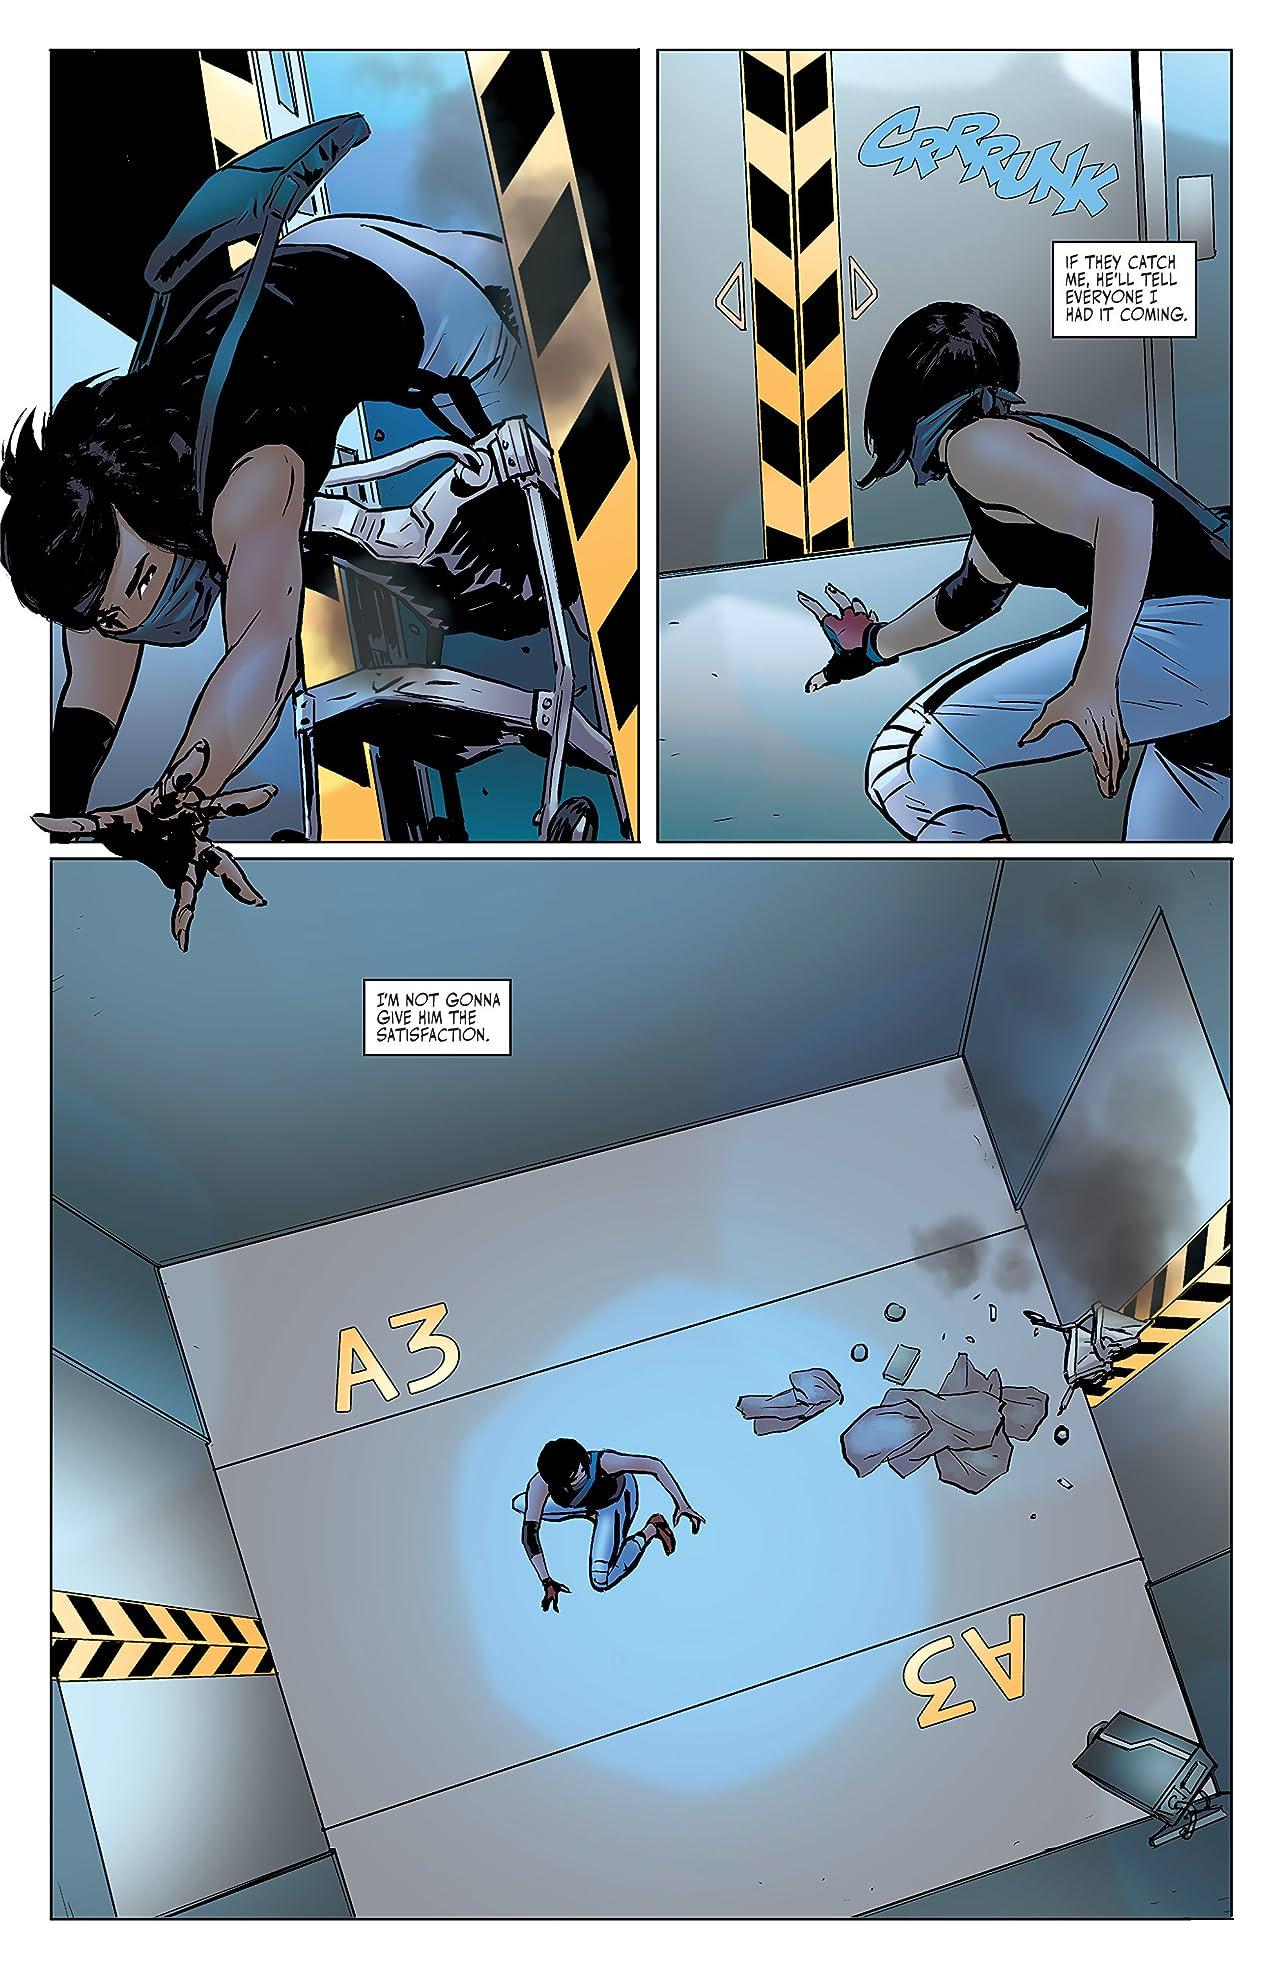 Mirror's Edge: Exordium #3